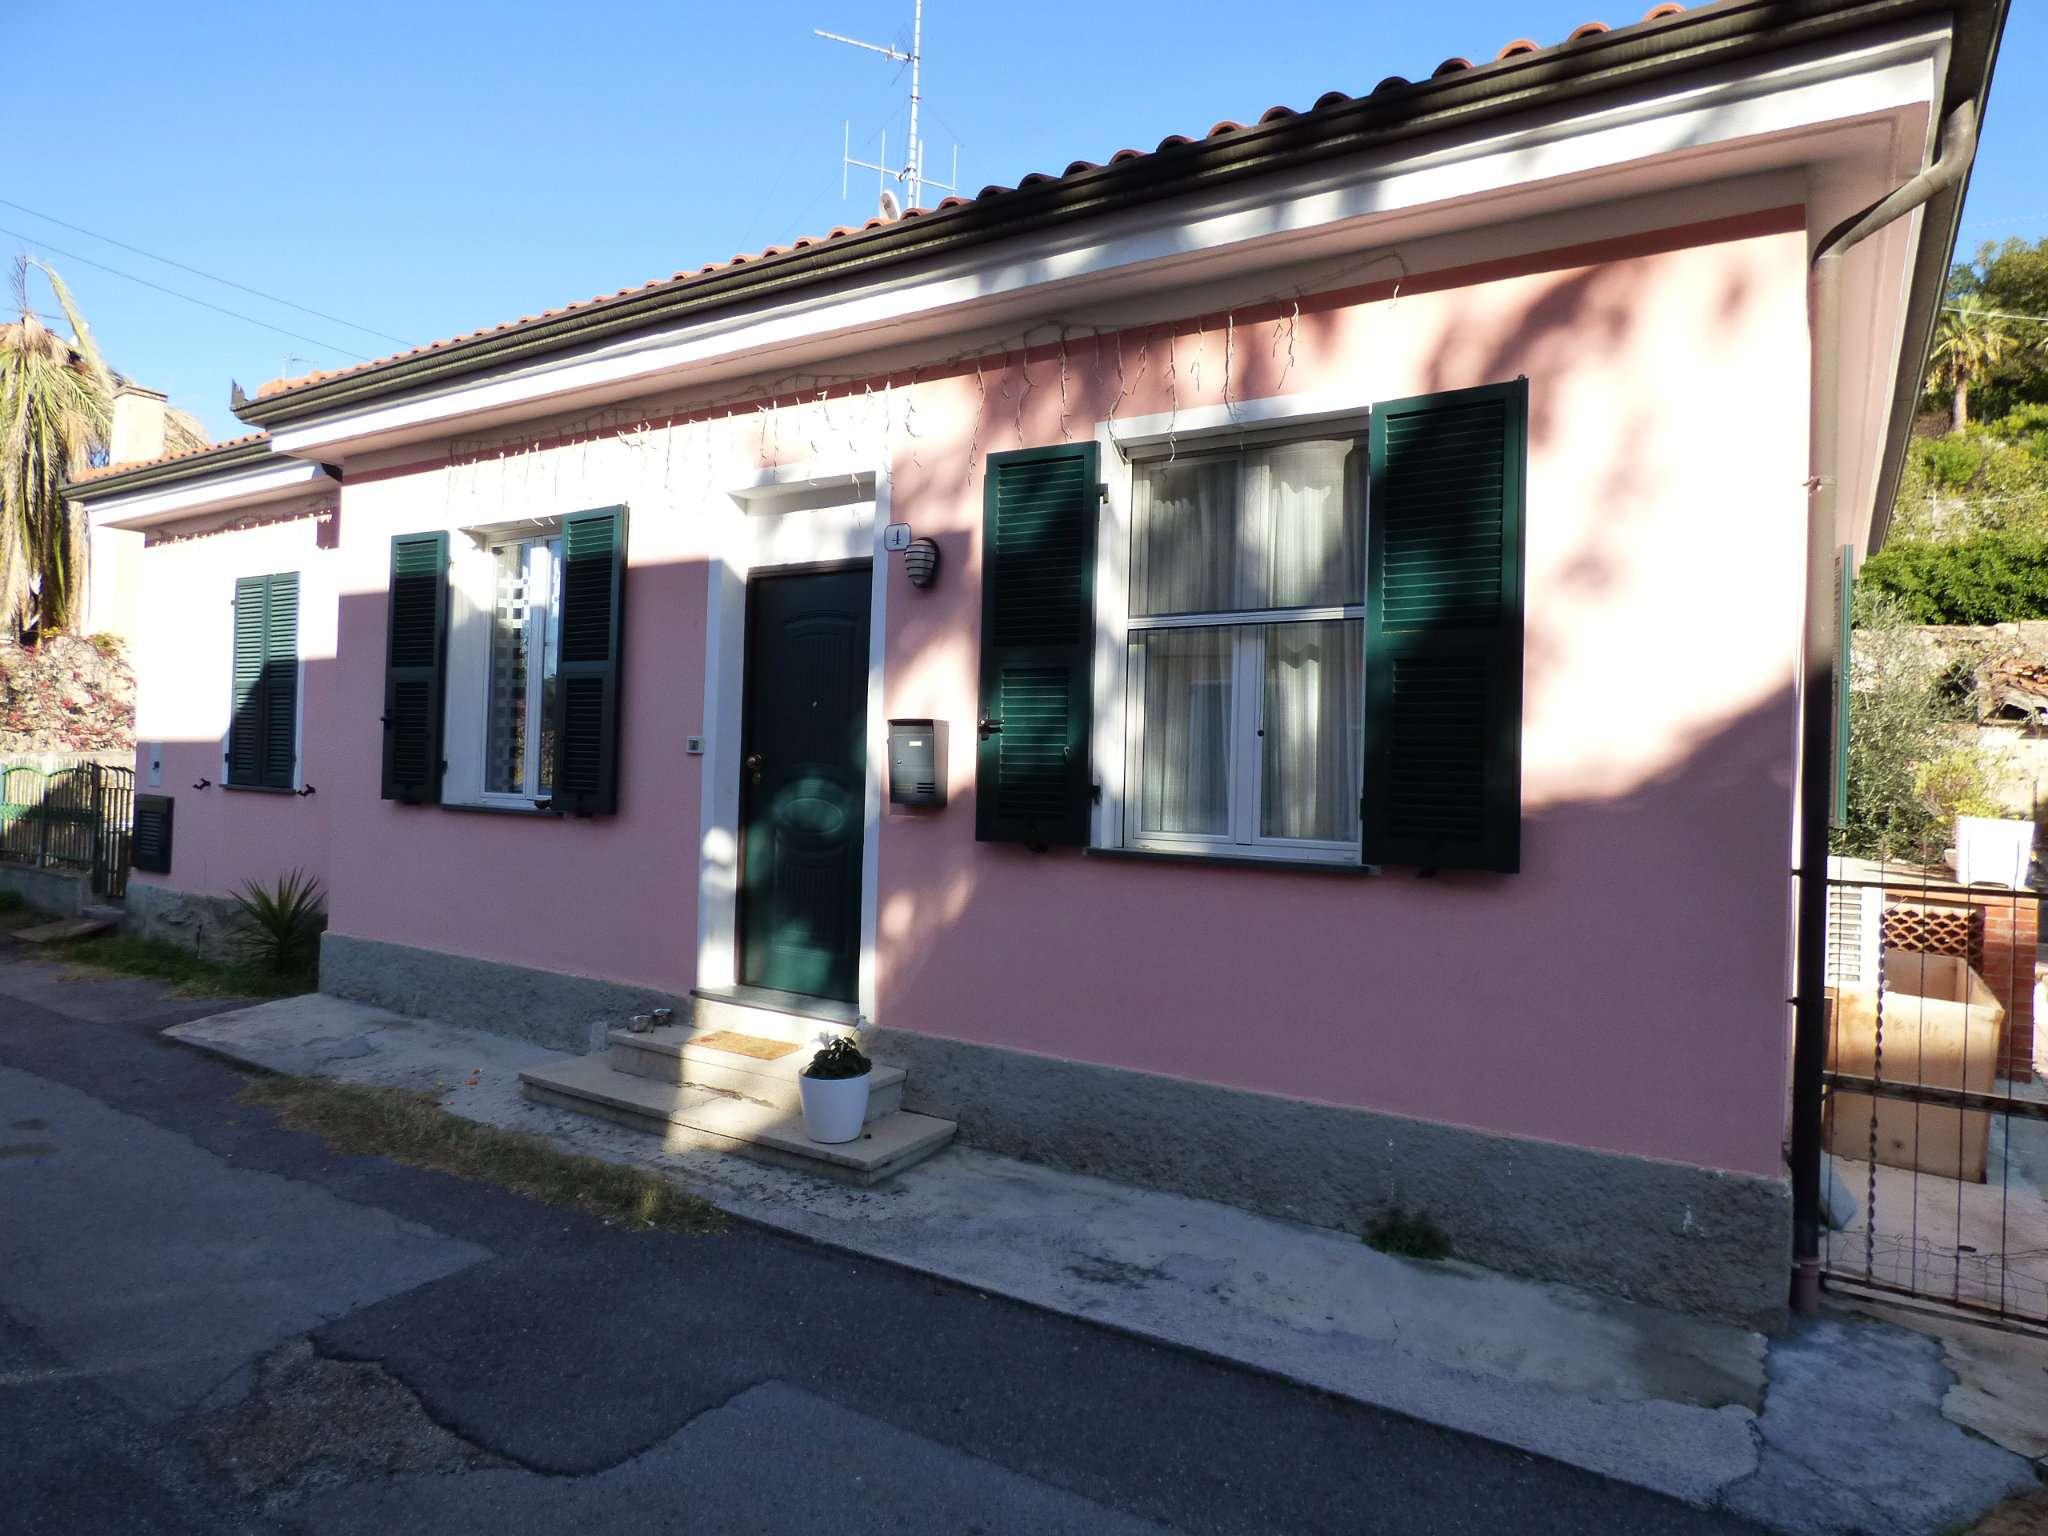 Attico / Mansarda in vendita a Cervo, 4 locali, prezzo € 265.000 | Cambio Casa.it